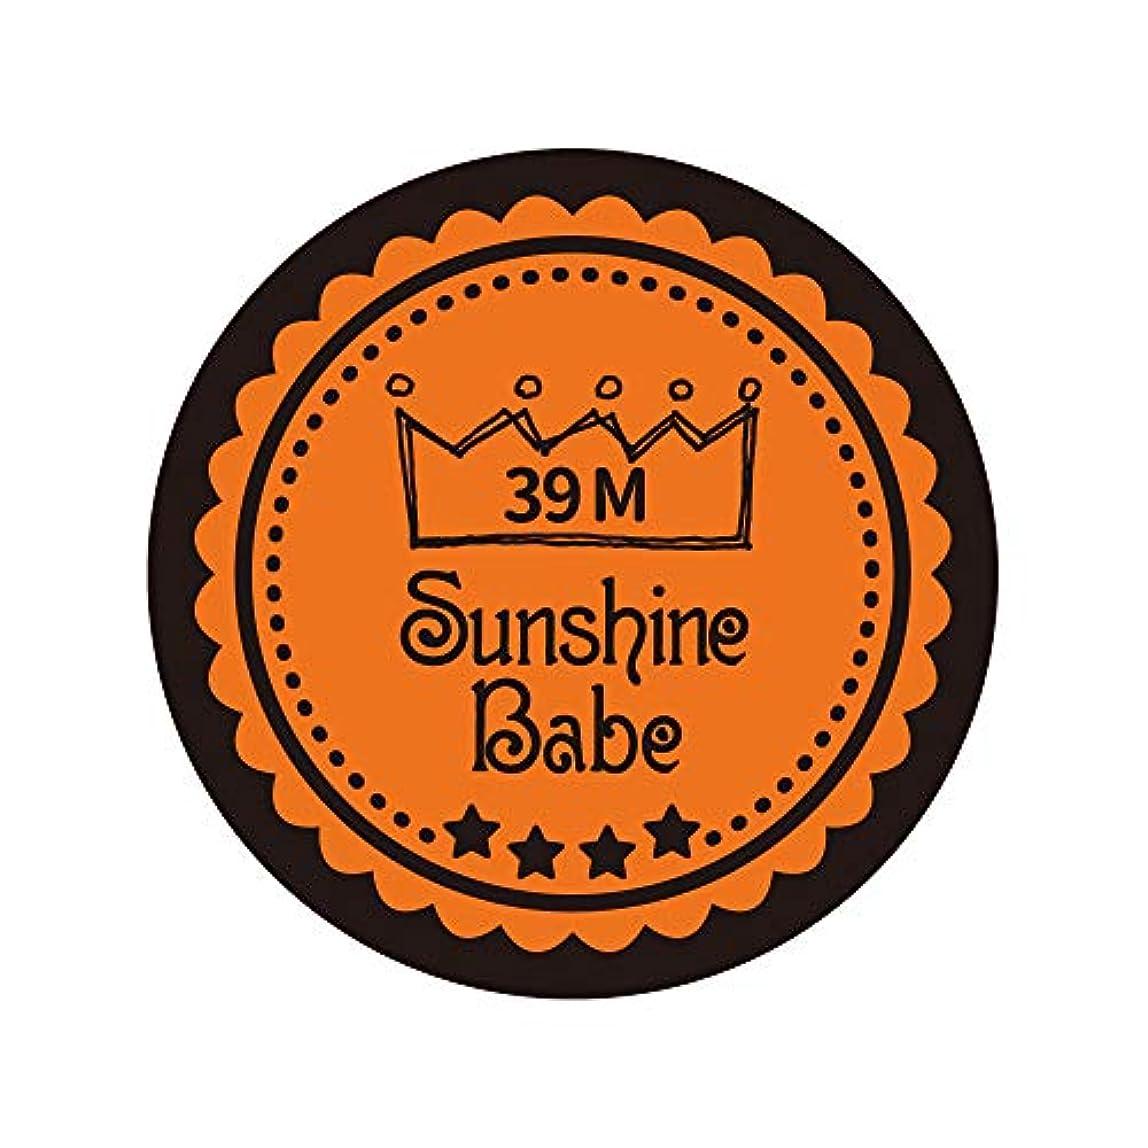 艶どきどきパドルSunshine Babe カラージェル 39M ラセットオレンジ 2.7g UV/LED対応